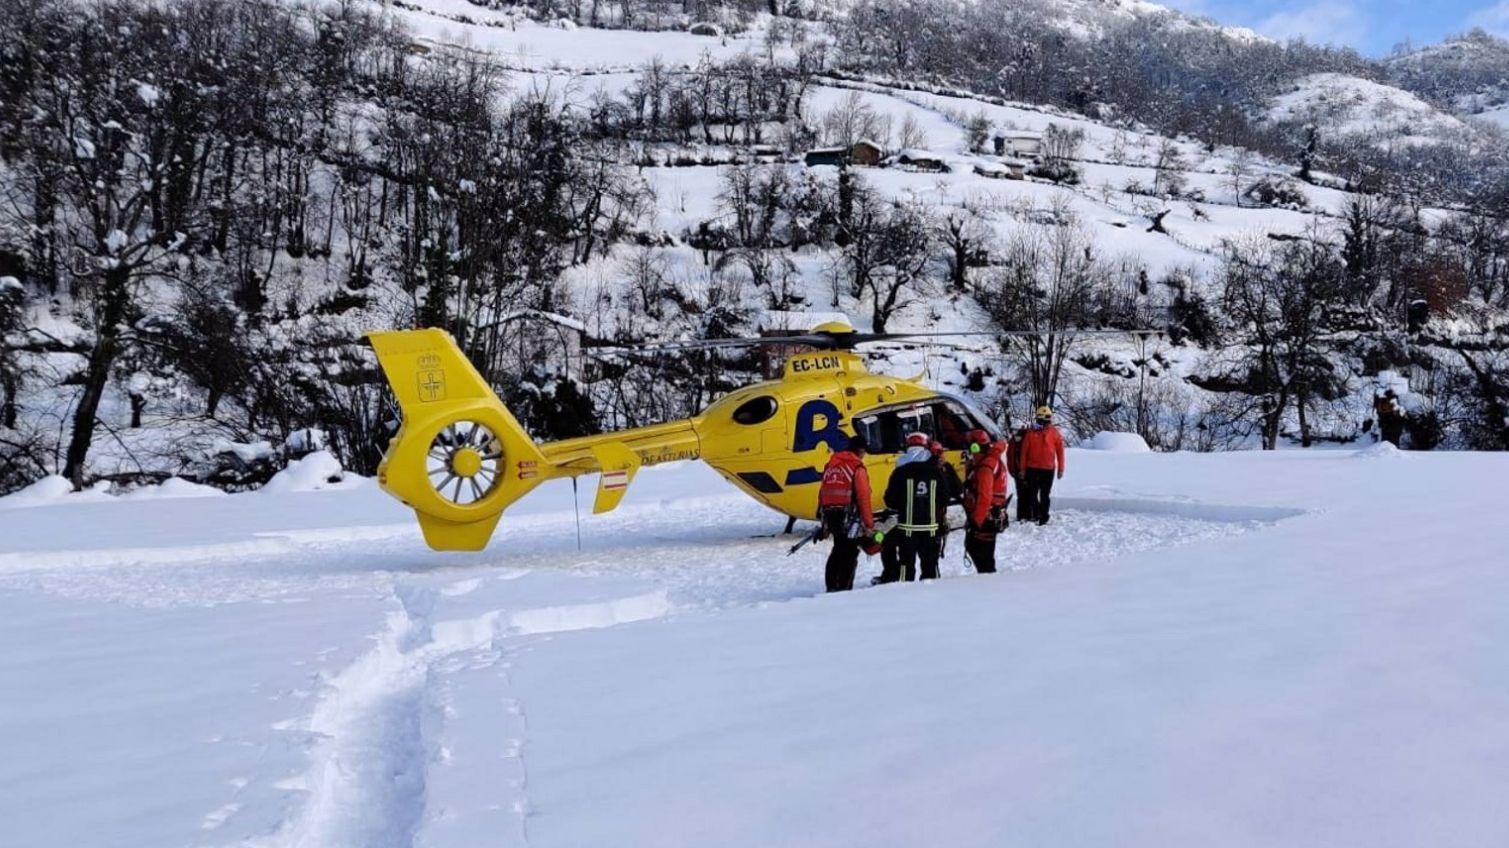 La Guardia Civil busca a un operario sepultado por un alud de nieve.Dispositivo de rescate del trabajador arrastrado por un alud en Aller